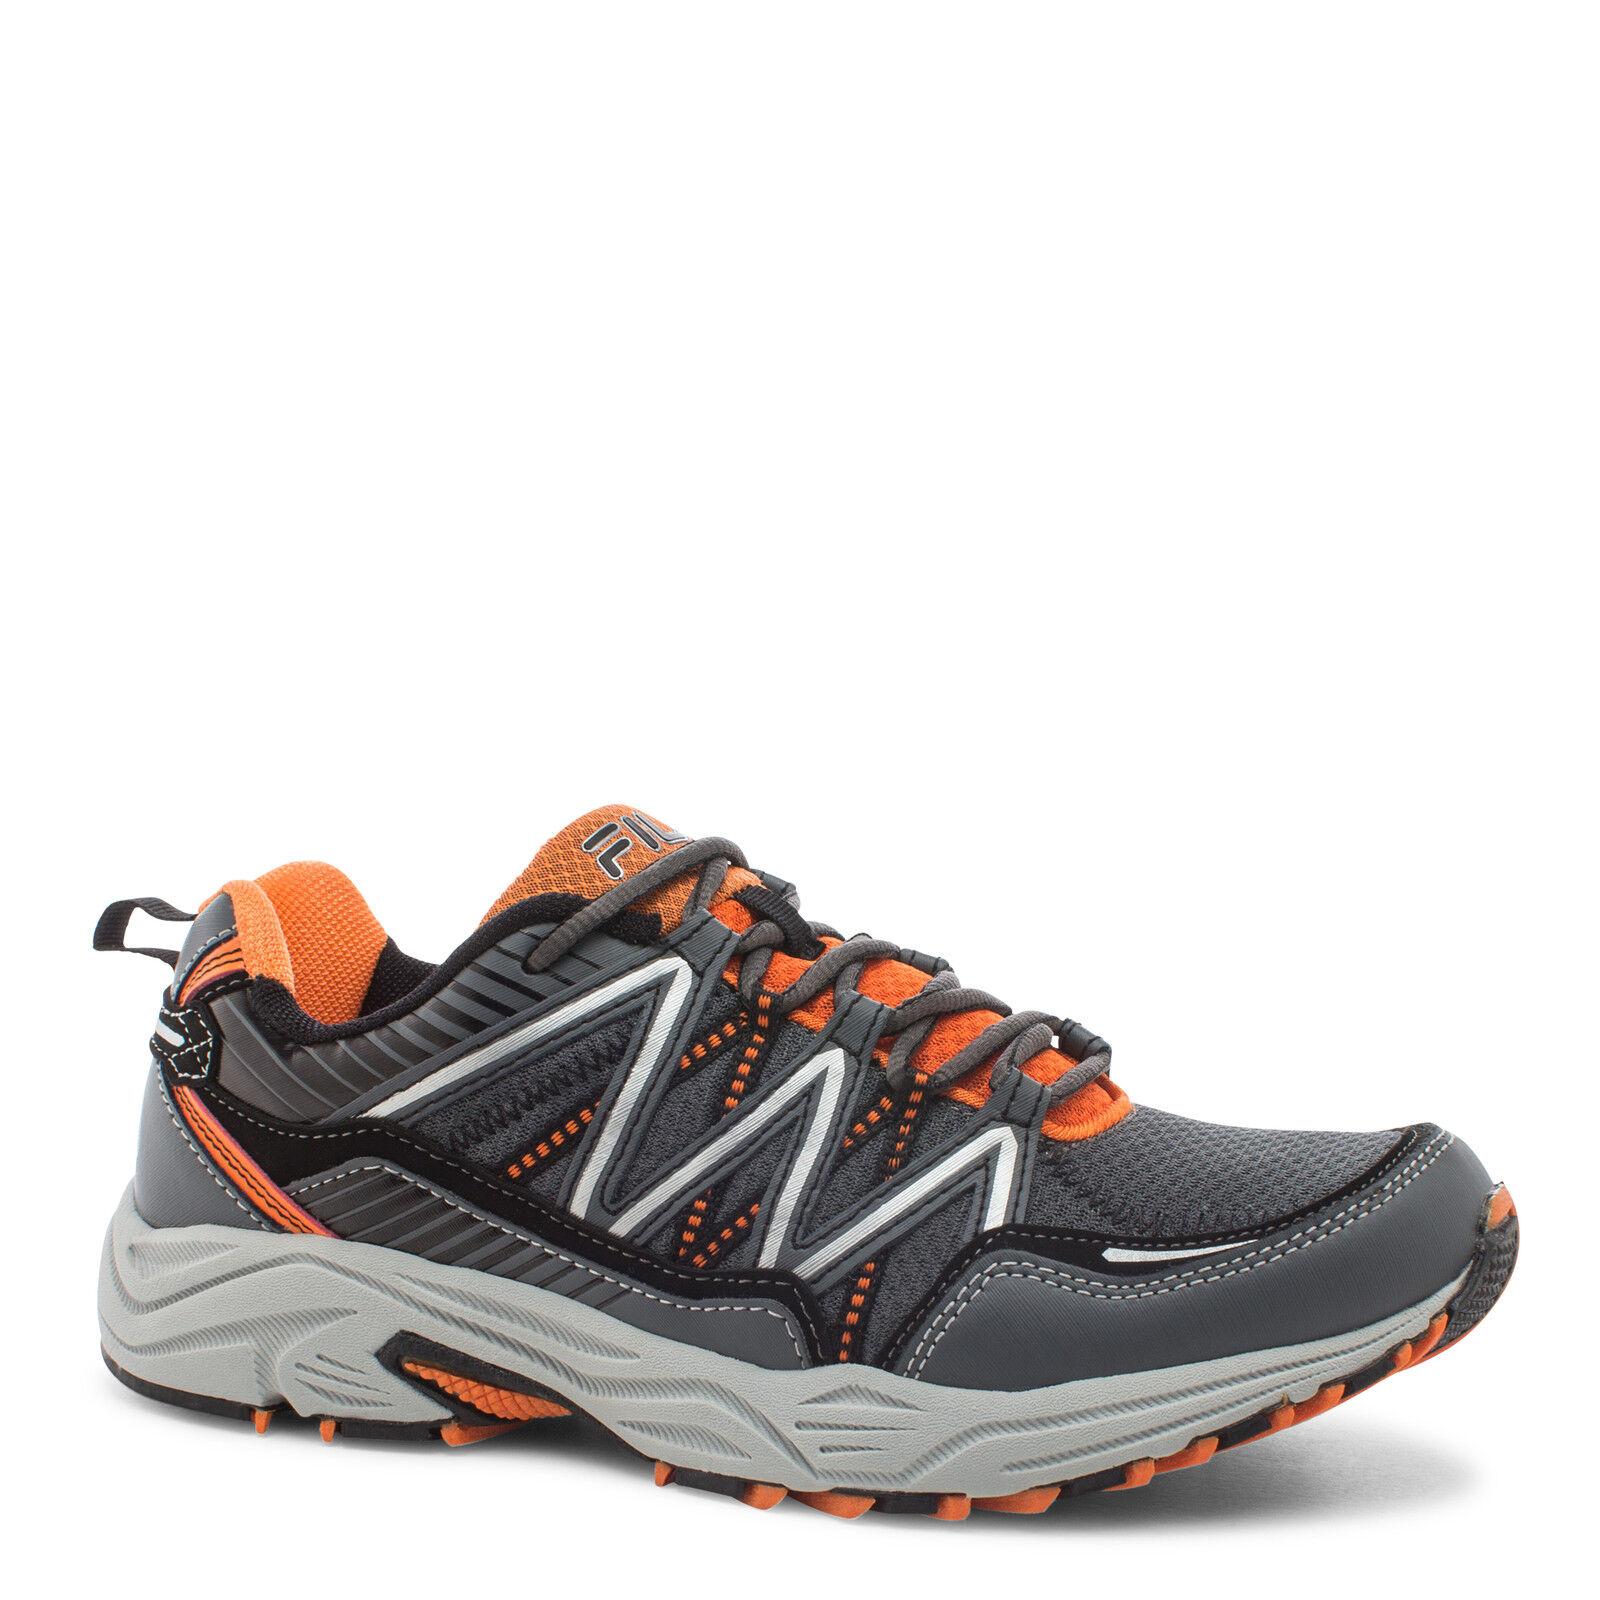 Headway 6 Trail Shoe